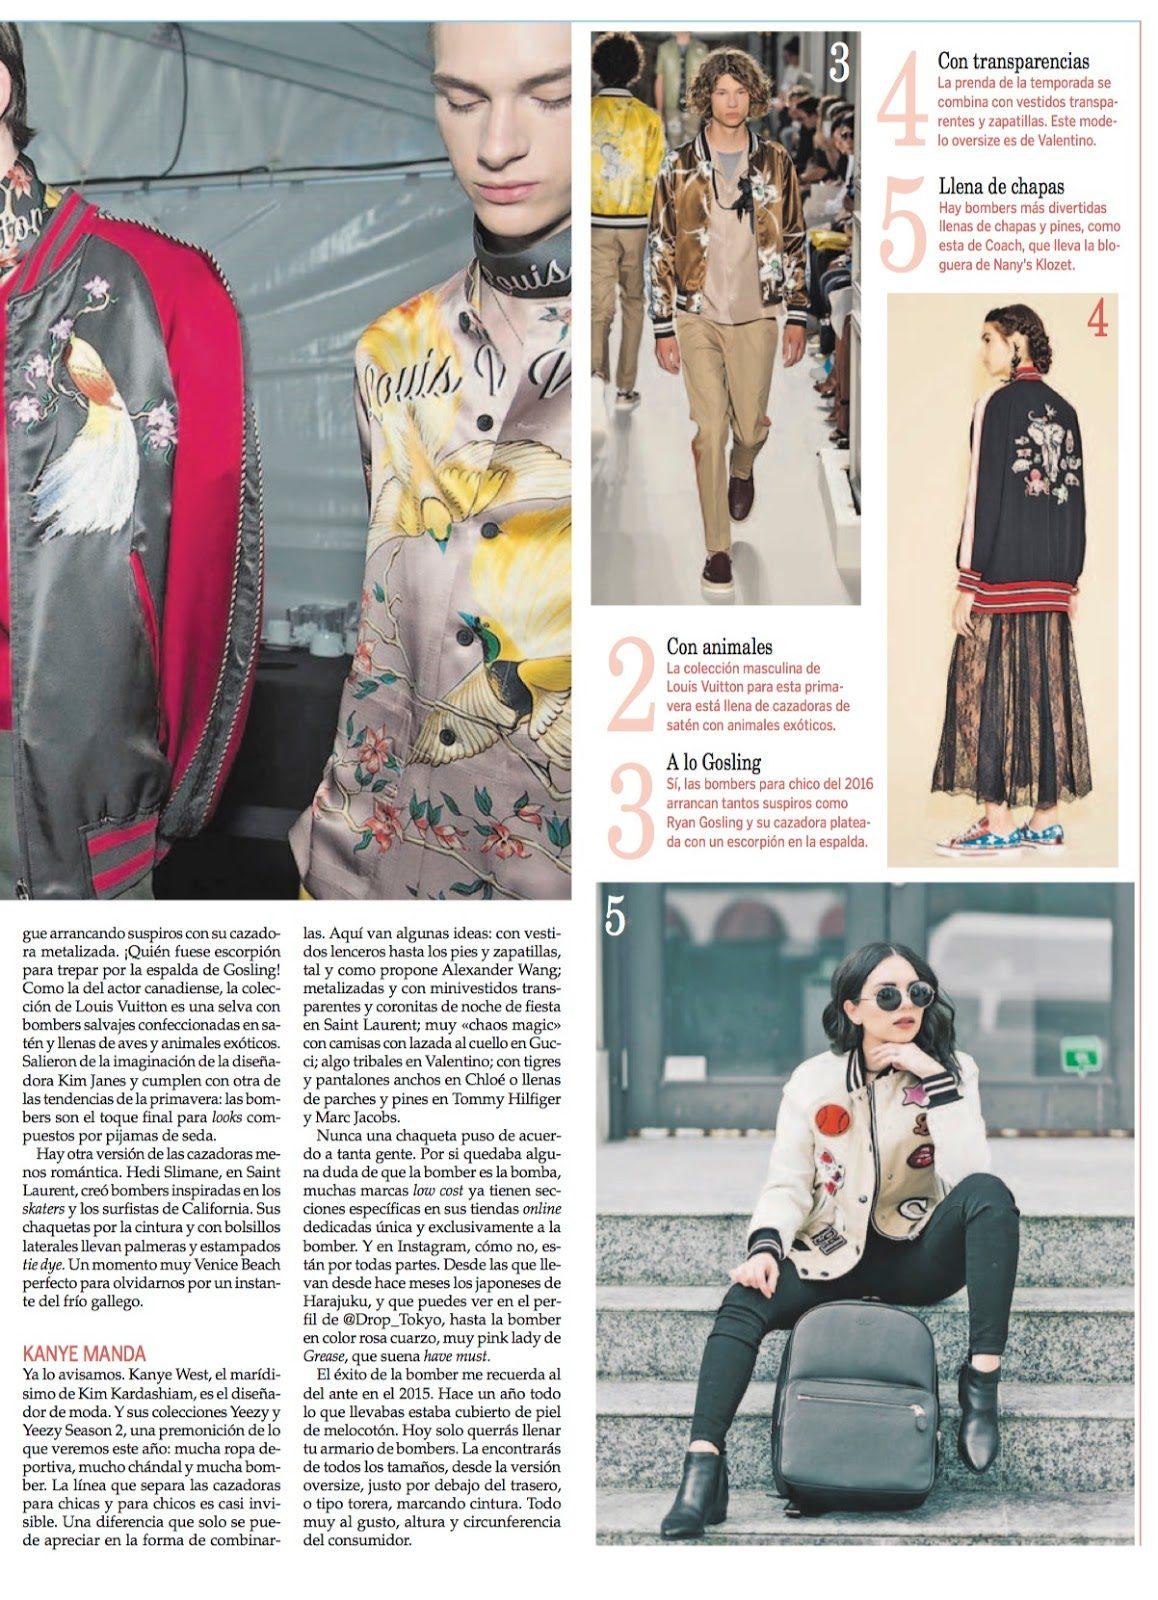 reportaje revista YES La Voz de Galicia patricia garcía